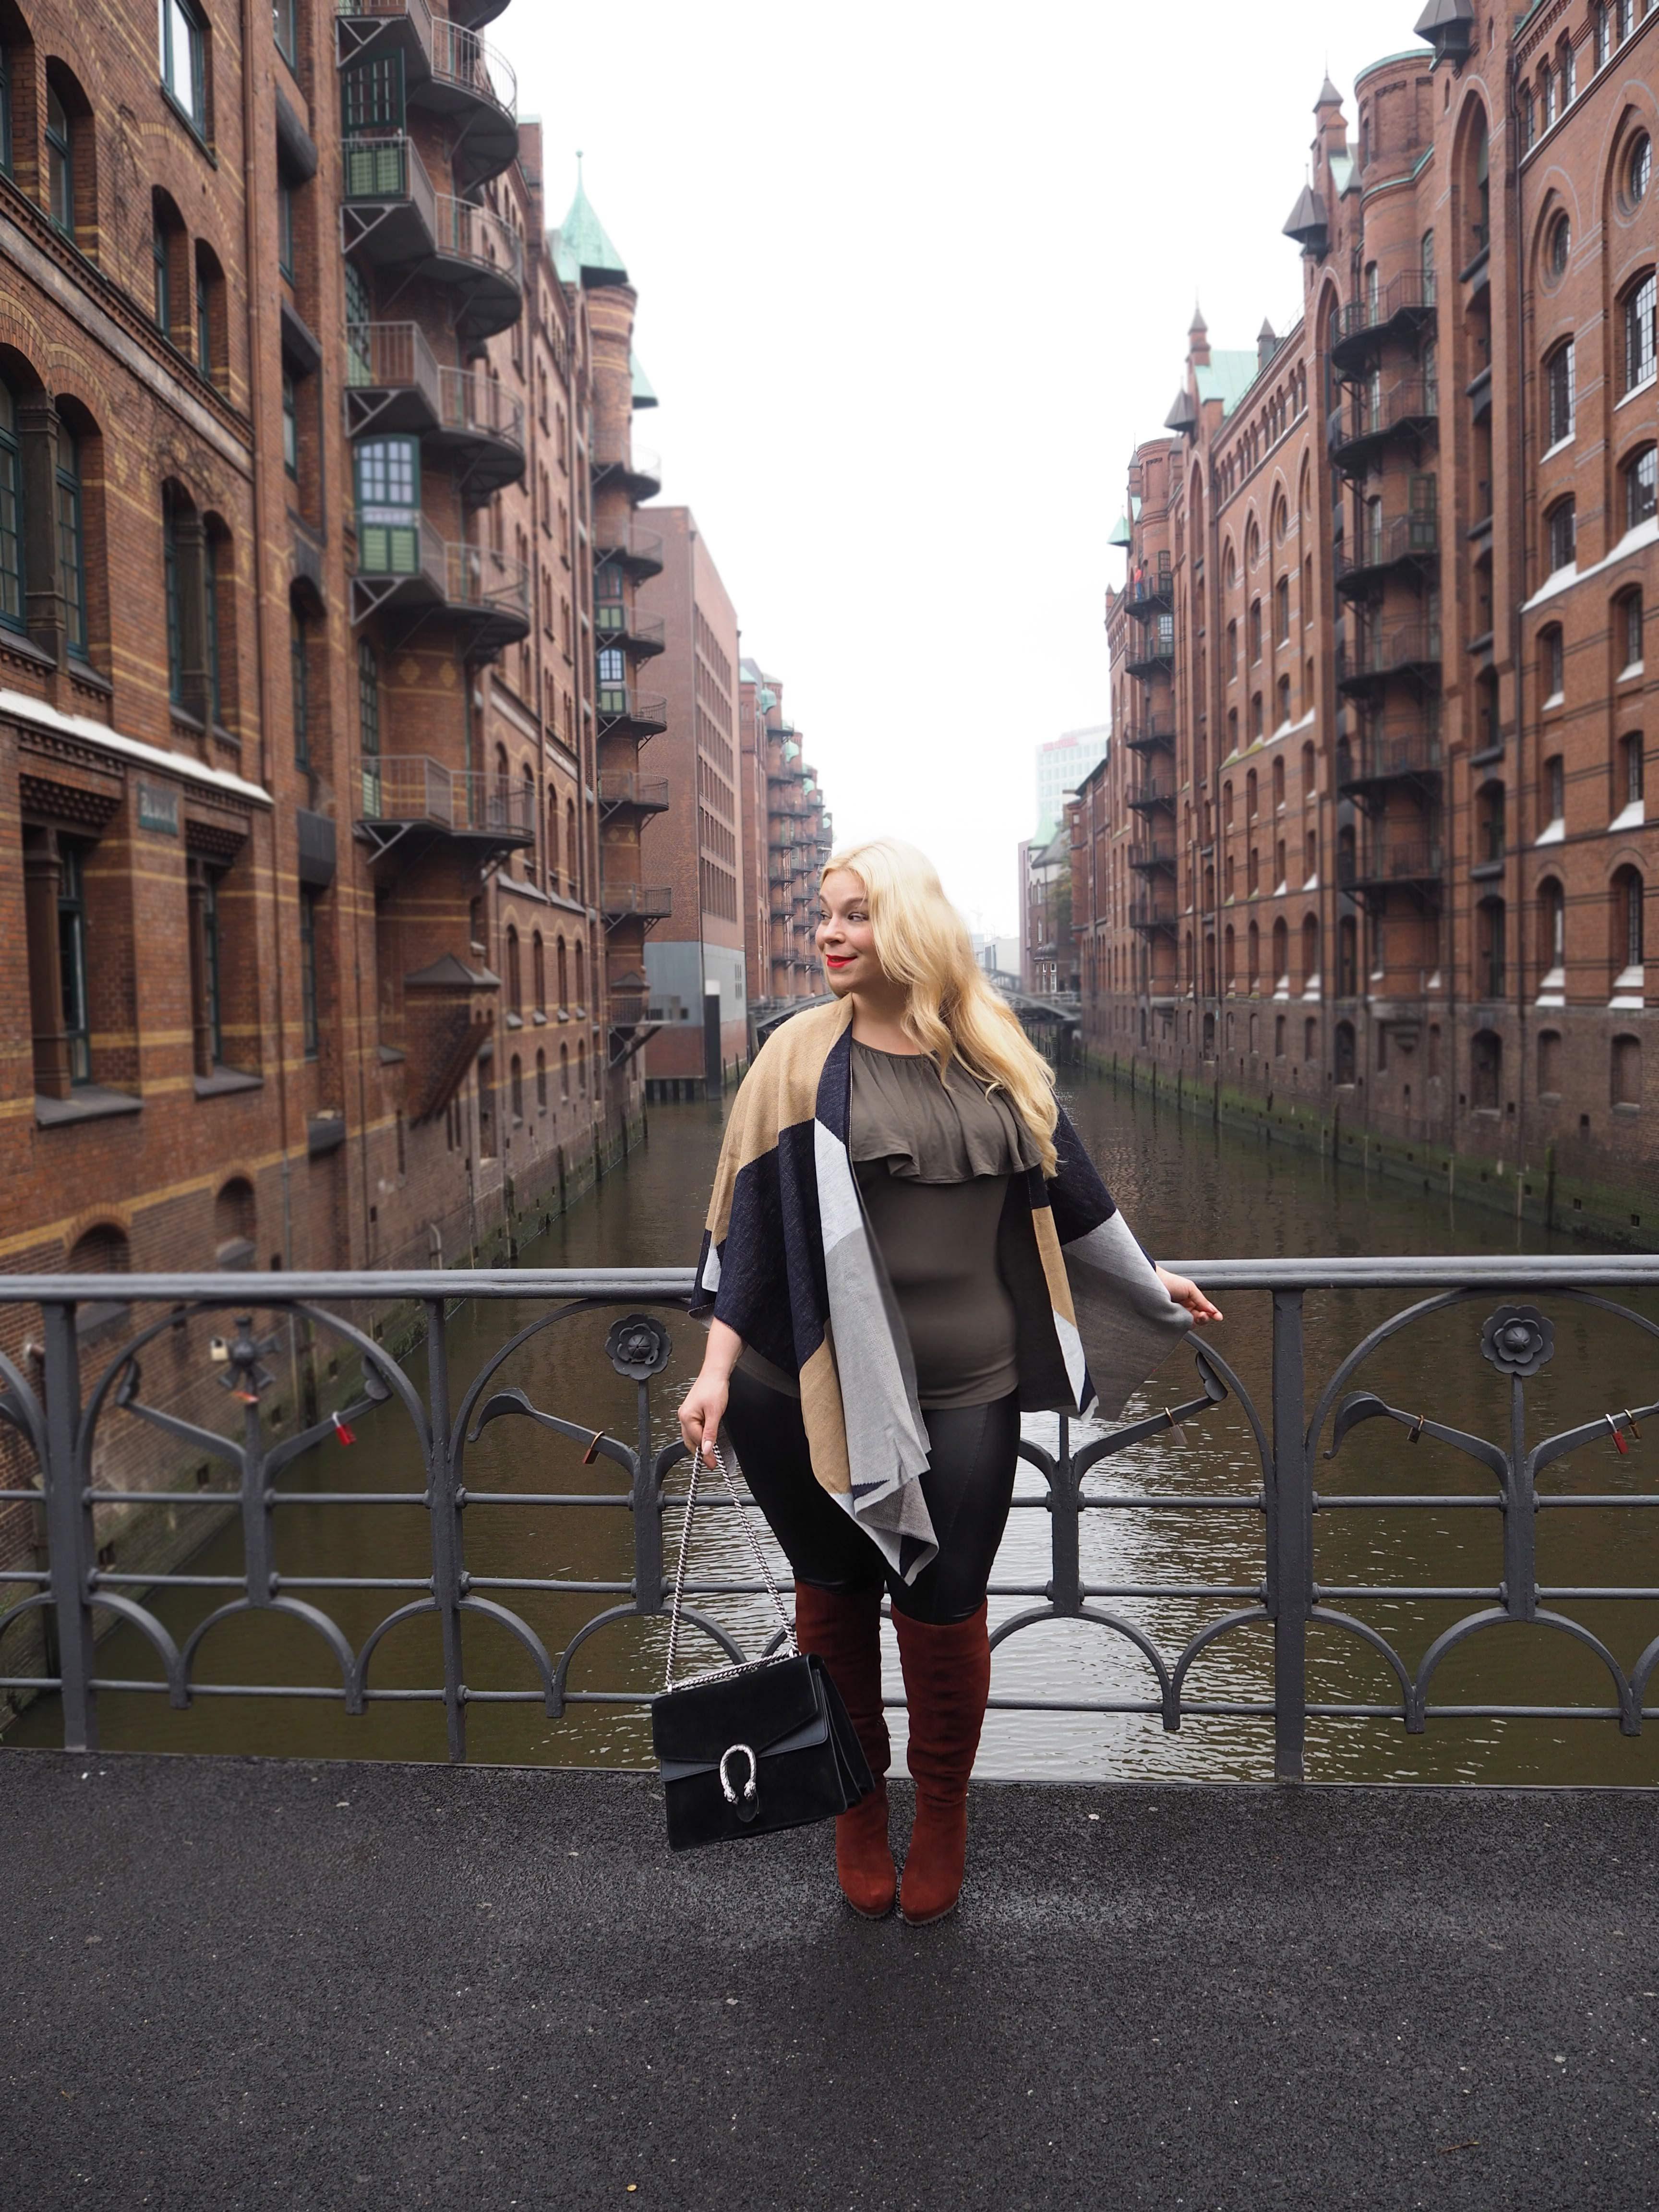 Miamoda-Caterina-pogorzelski-Plussizemodel-Plussizeblogger